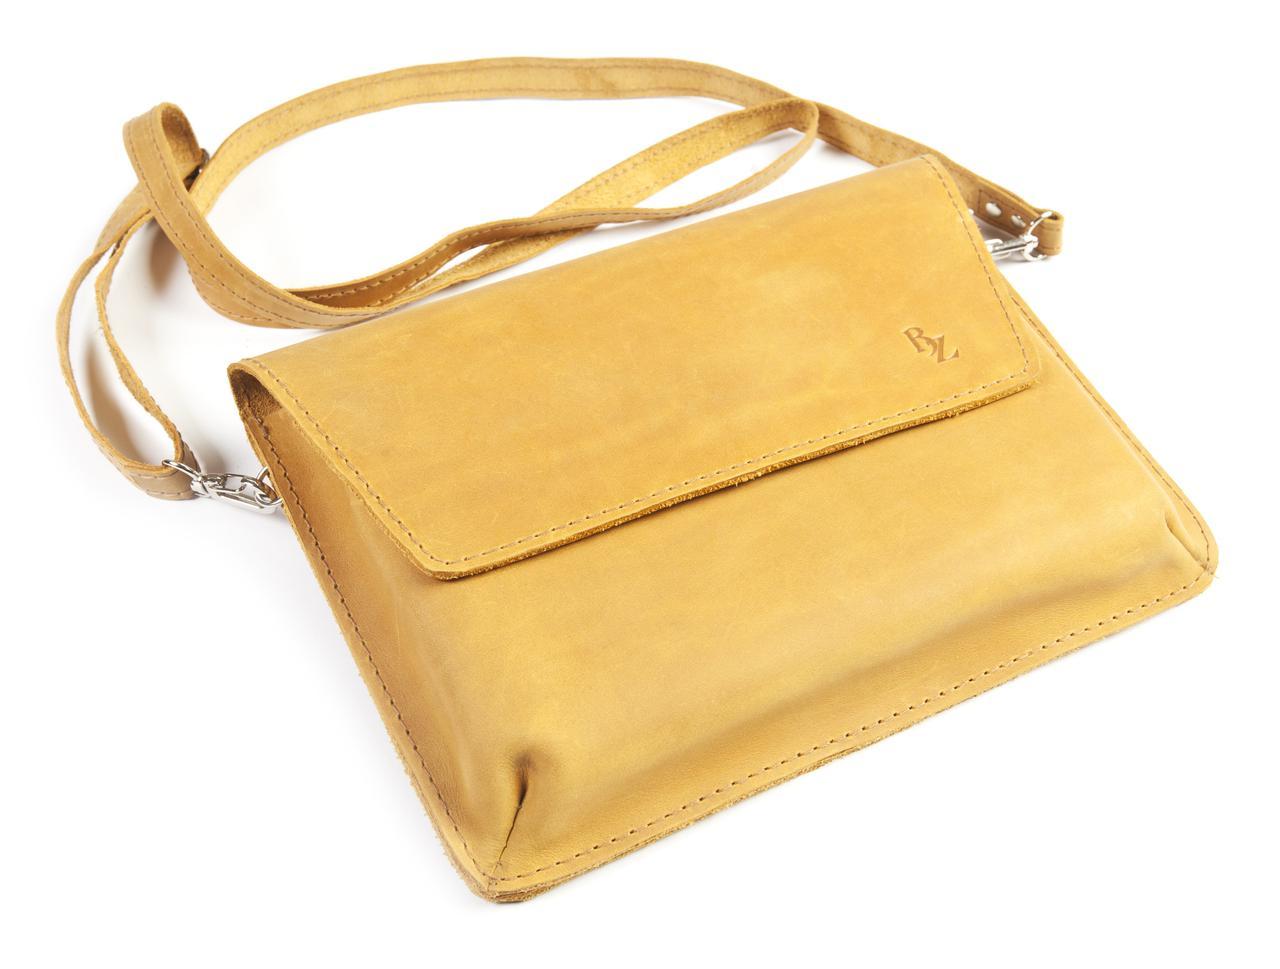 ba09afc0f Женская кожаная сумка «Надин» - Интернет-магазин кожаных аксессуаров ручной  работы BOGZ в